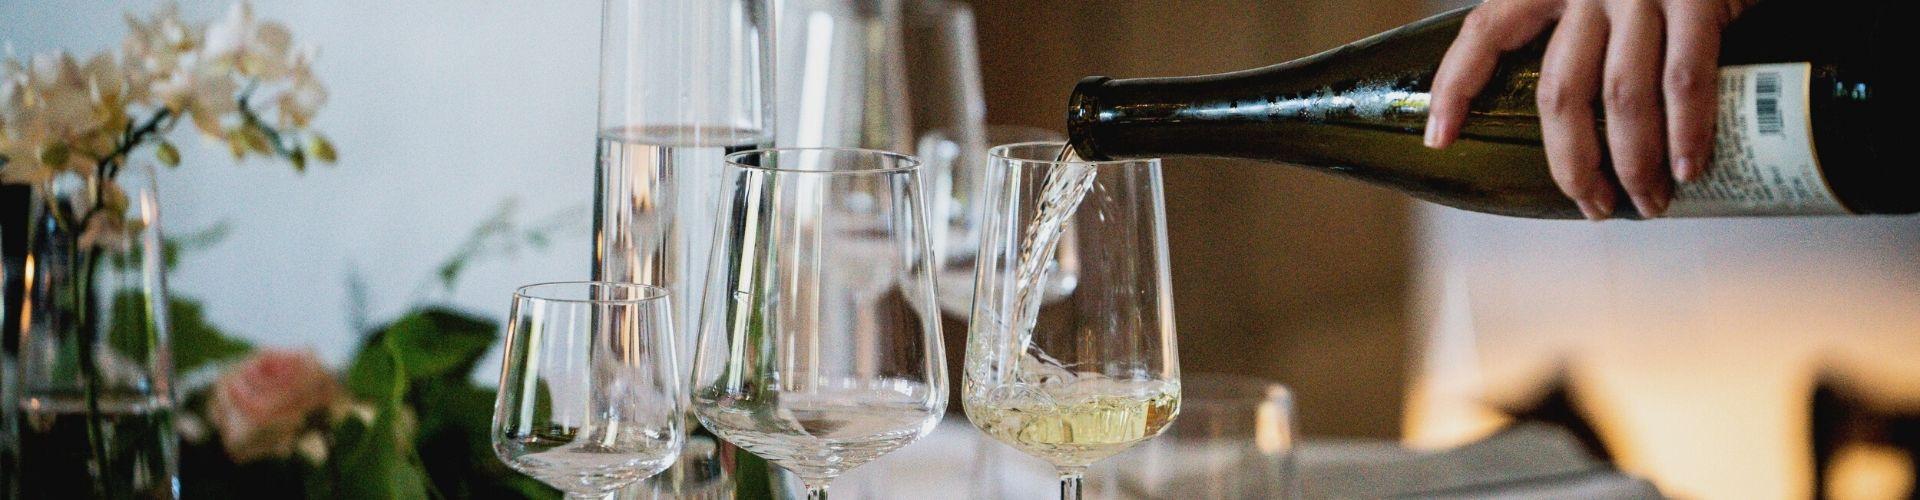 Wino Masso Antico